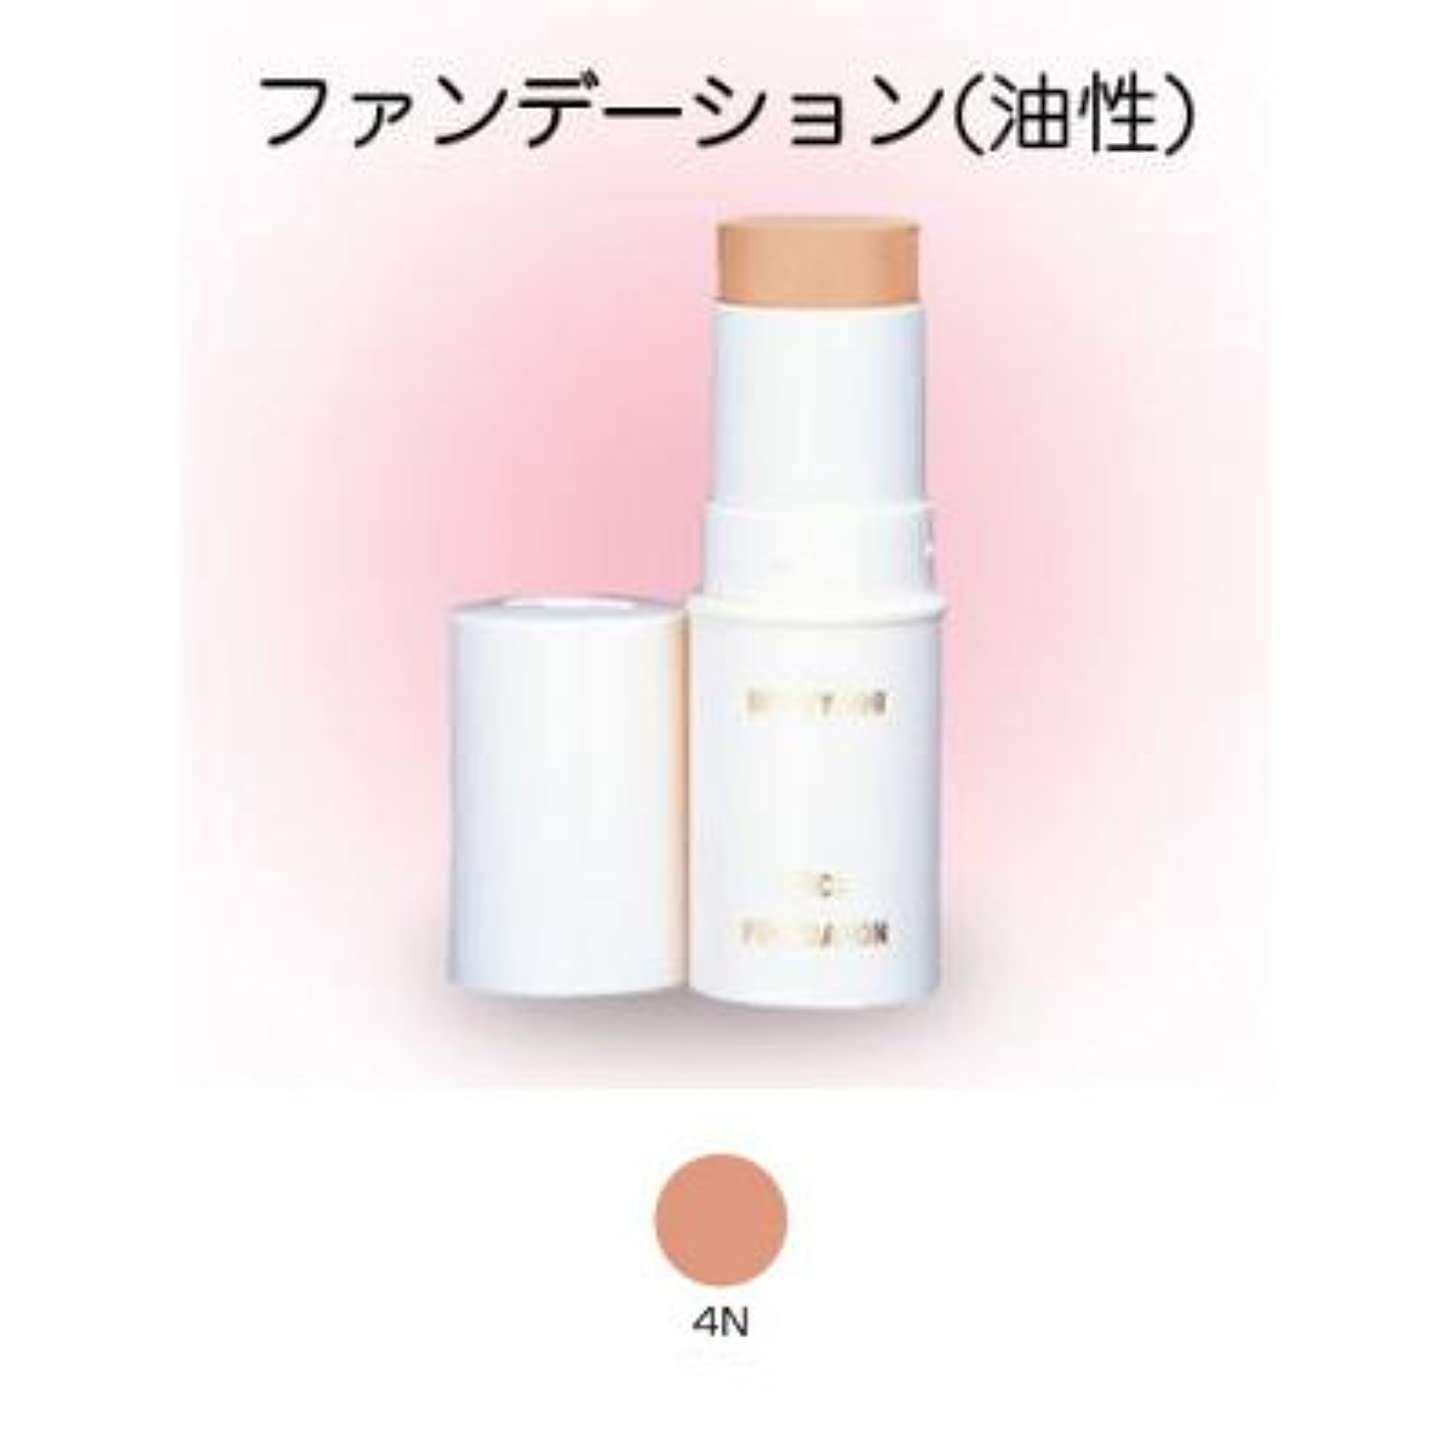 安らぎレキシコンセッティングスティックファンデーション 16g 4N 【三善】